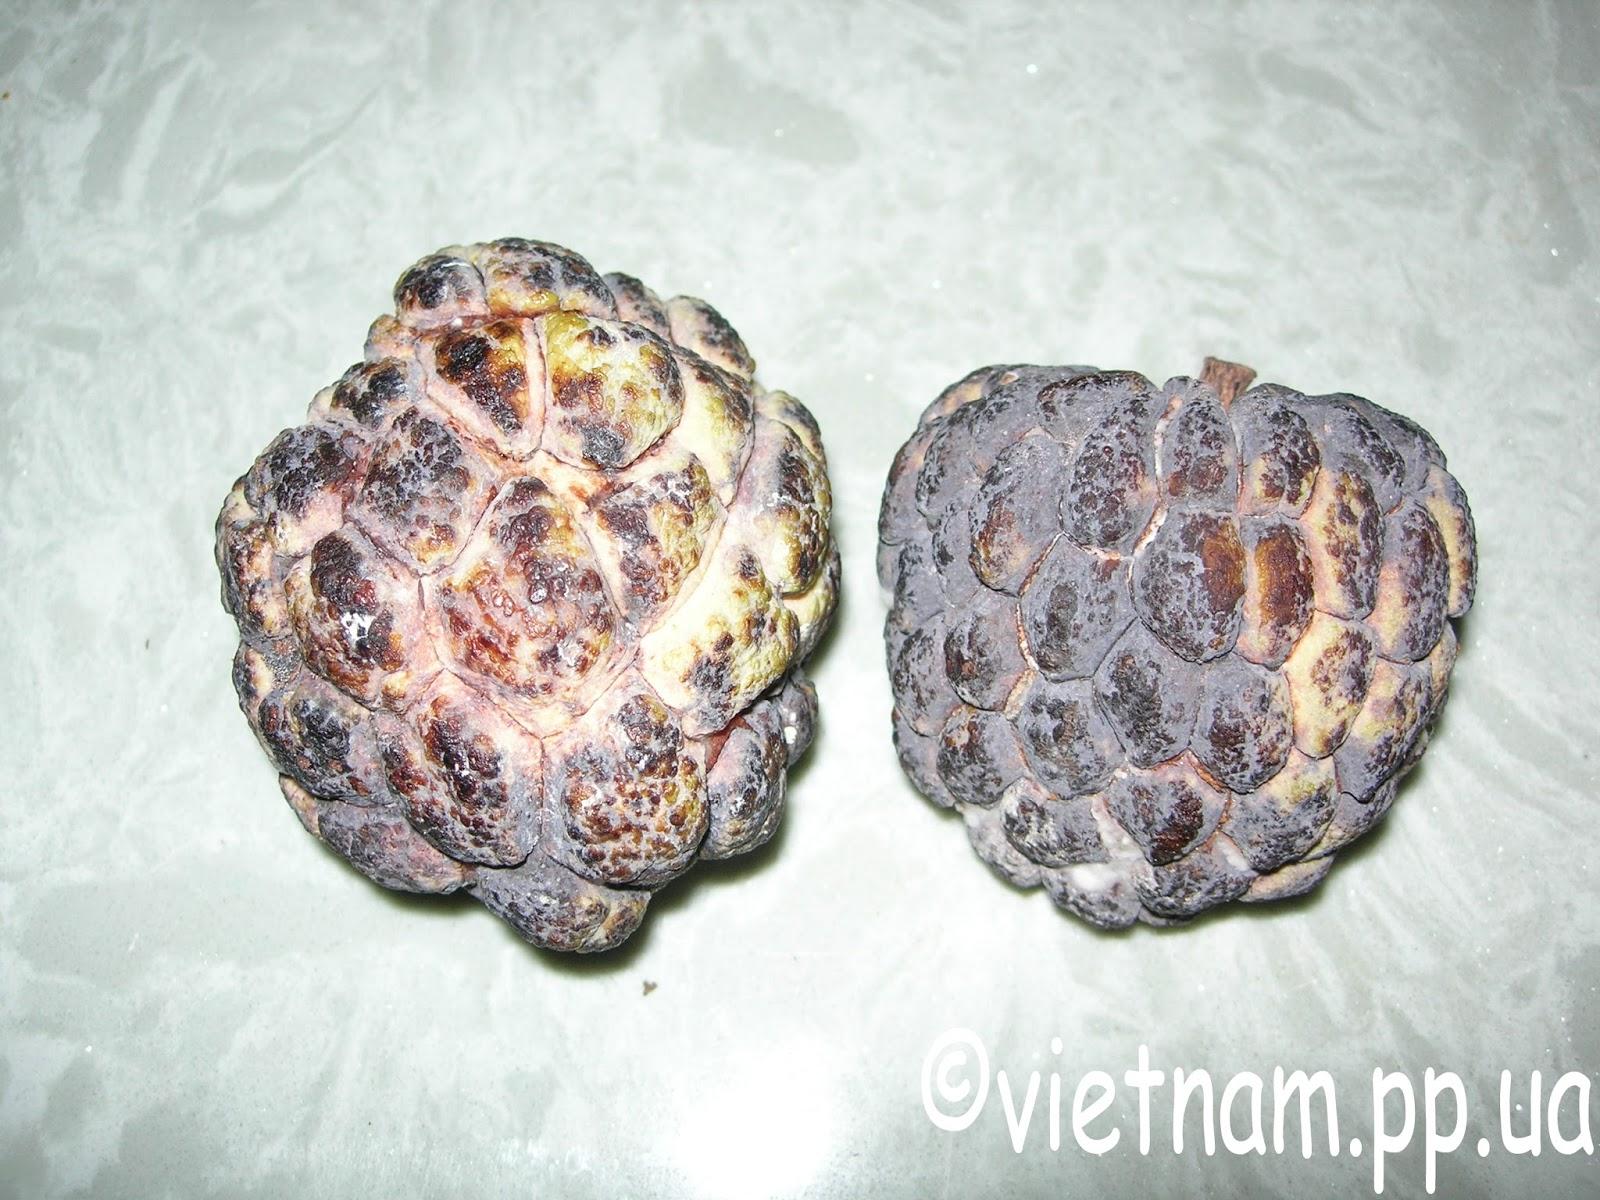 Экзотические фрукты Вьетнама